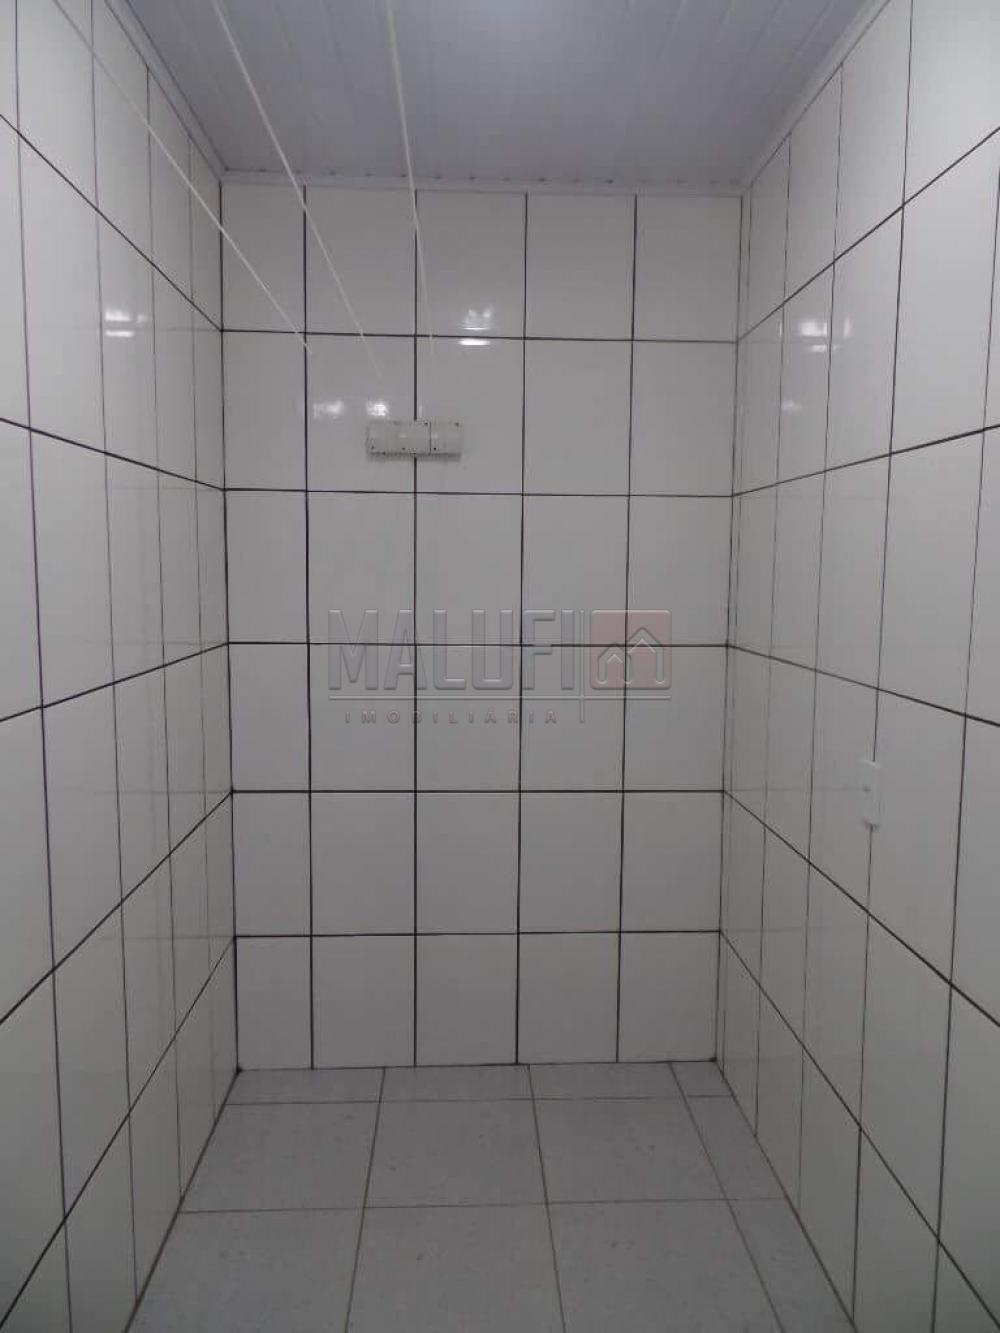 Alugar Casas / Padrão em Olímpia apenas R$ 1.700,00 - Foto 22